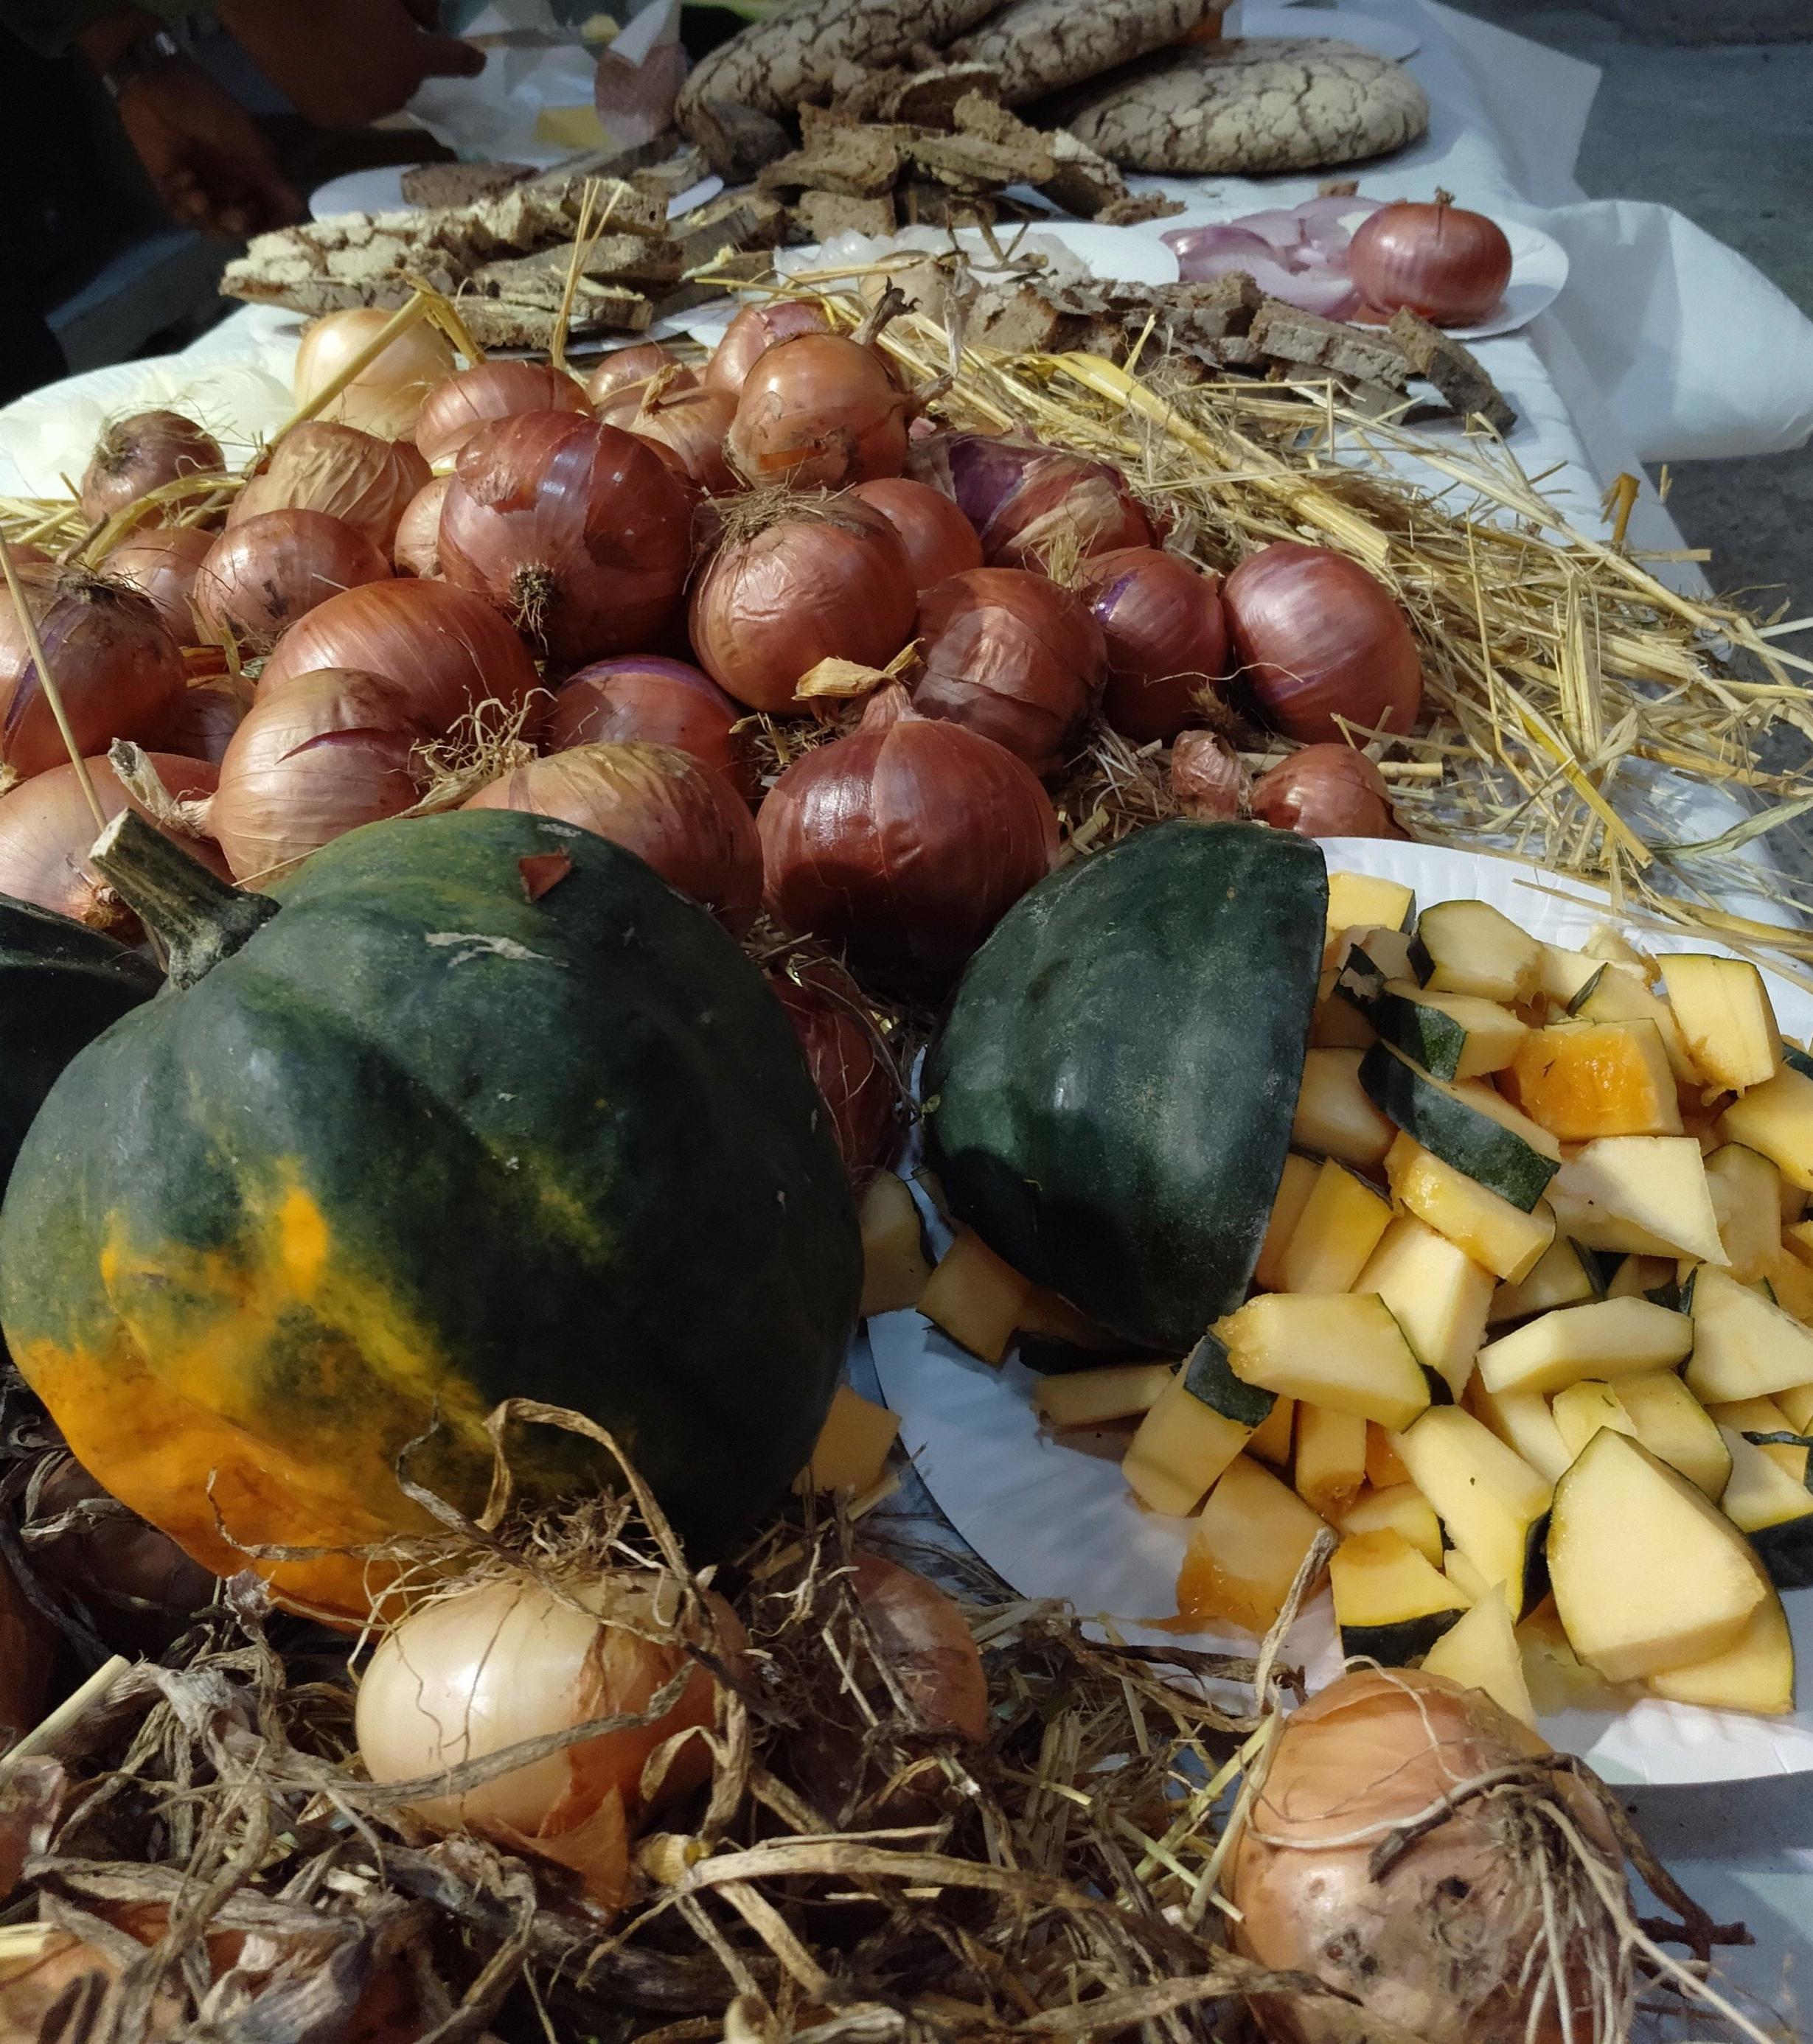 Dimanche 21 octobre, Eric est venu à la Marbrerie avec une vingtaine de variétés de tomates, des oignons doux, qu'il propose de croquer crus sur une fine tranche de pain beurré, du melon d'hiver à la chair blanche sucrée et de la courge Royal Acorn, coupée crue en petits dés. Un régal !